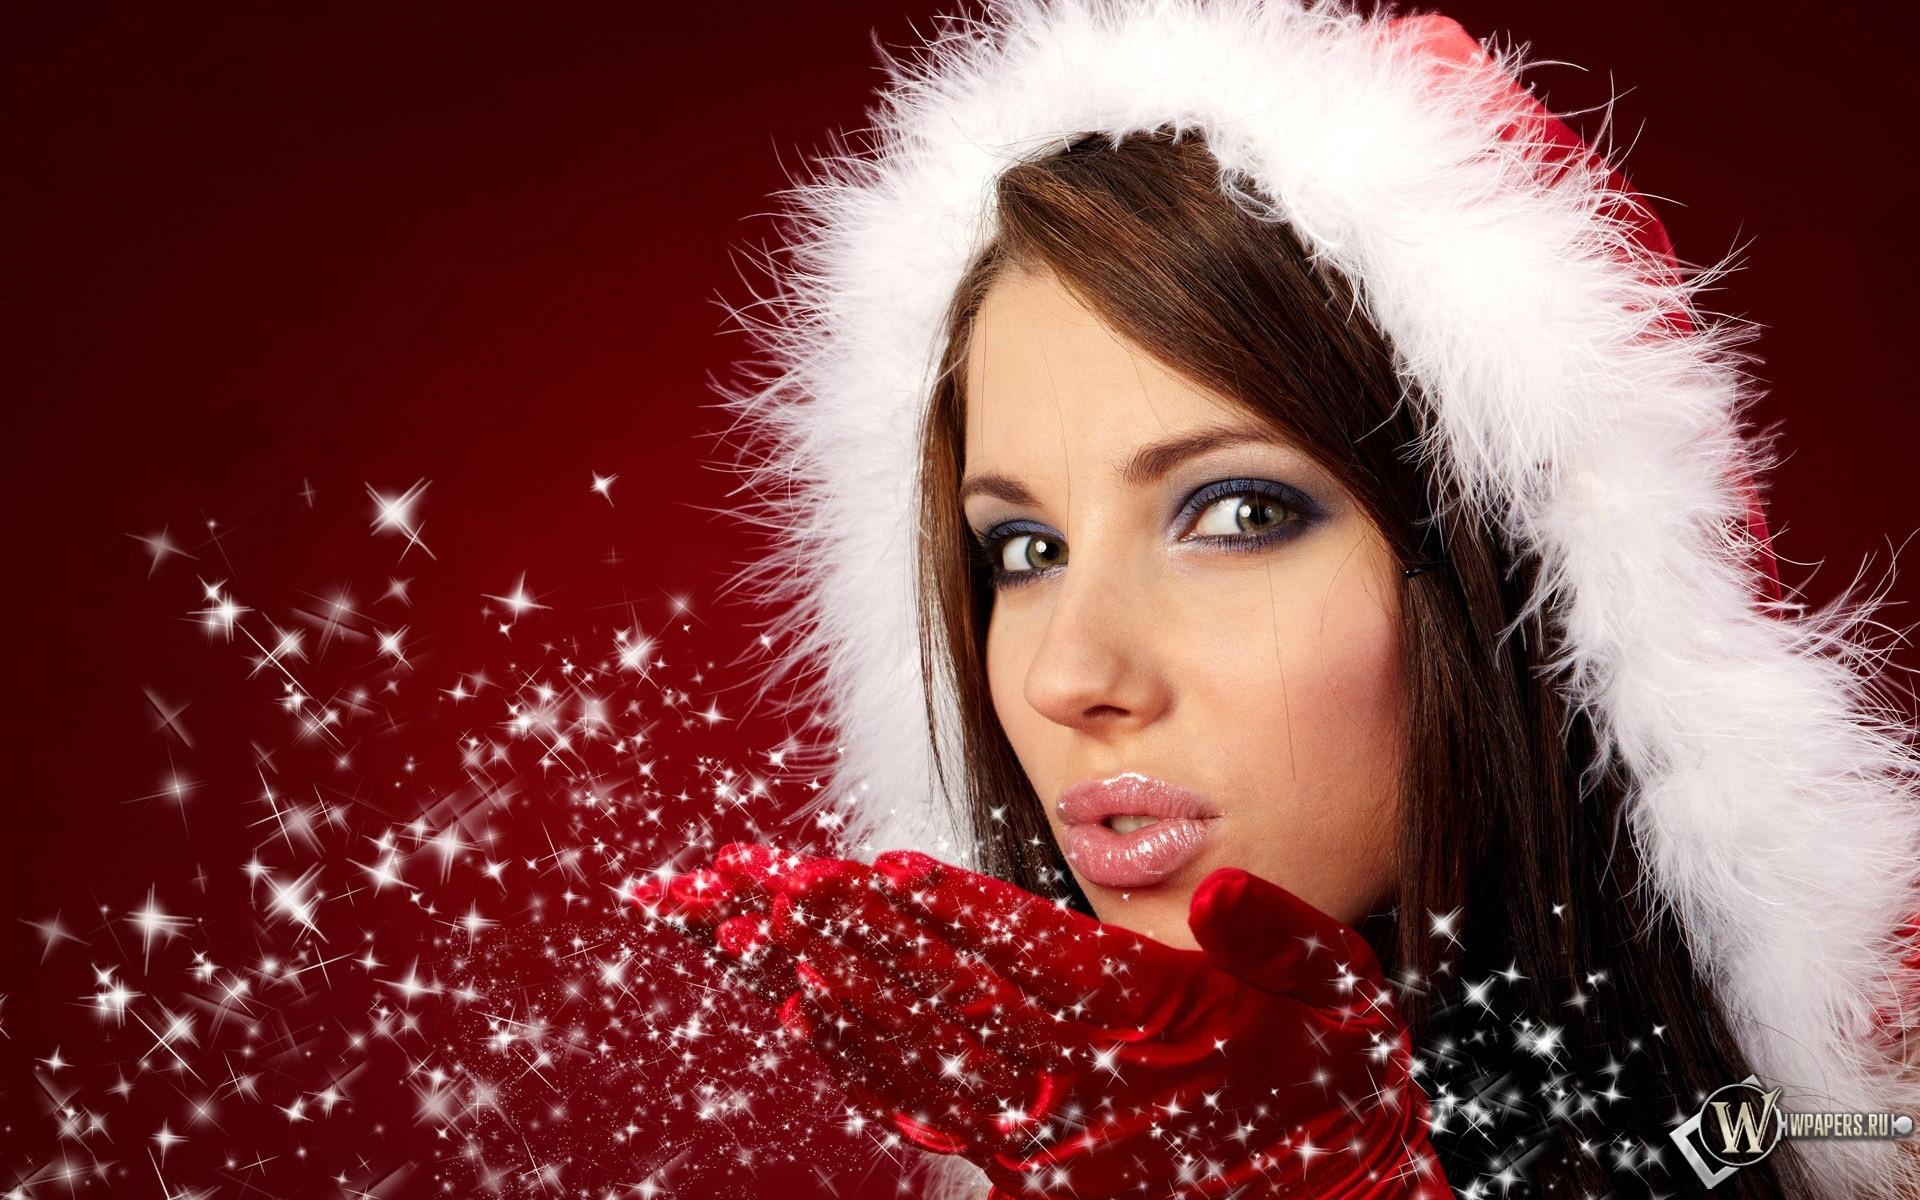 Christmas Girl 1920x1200